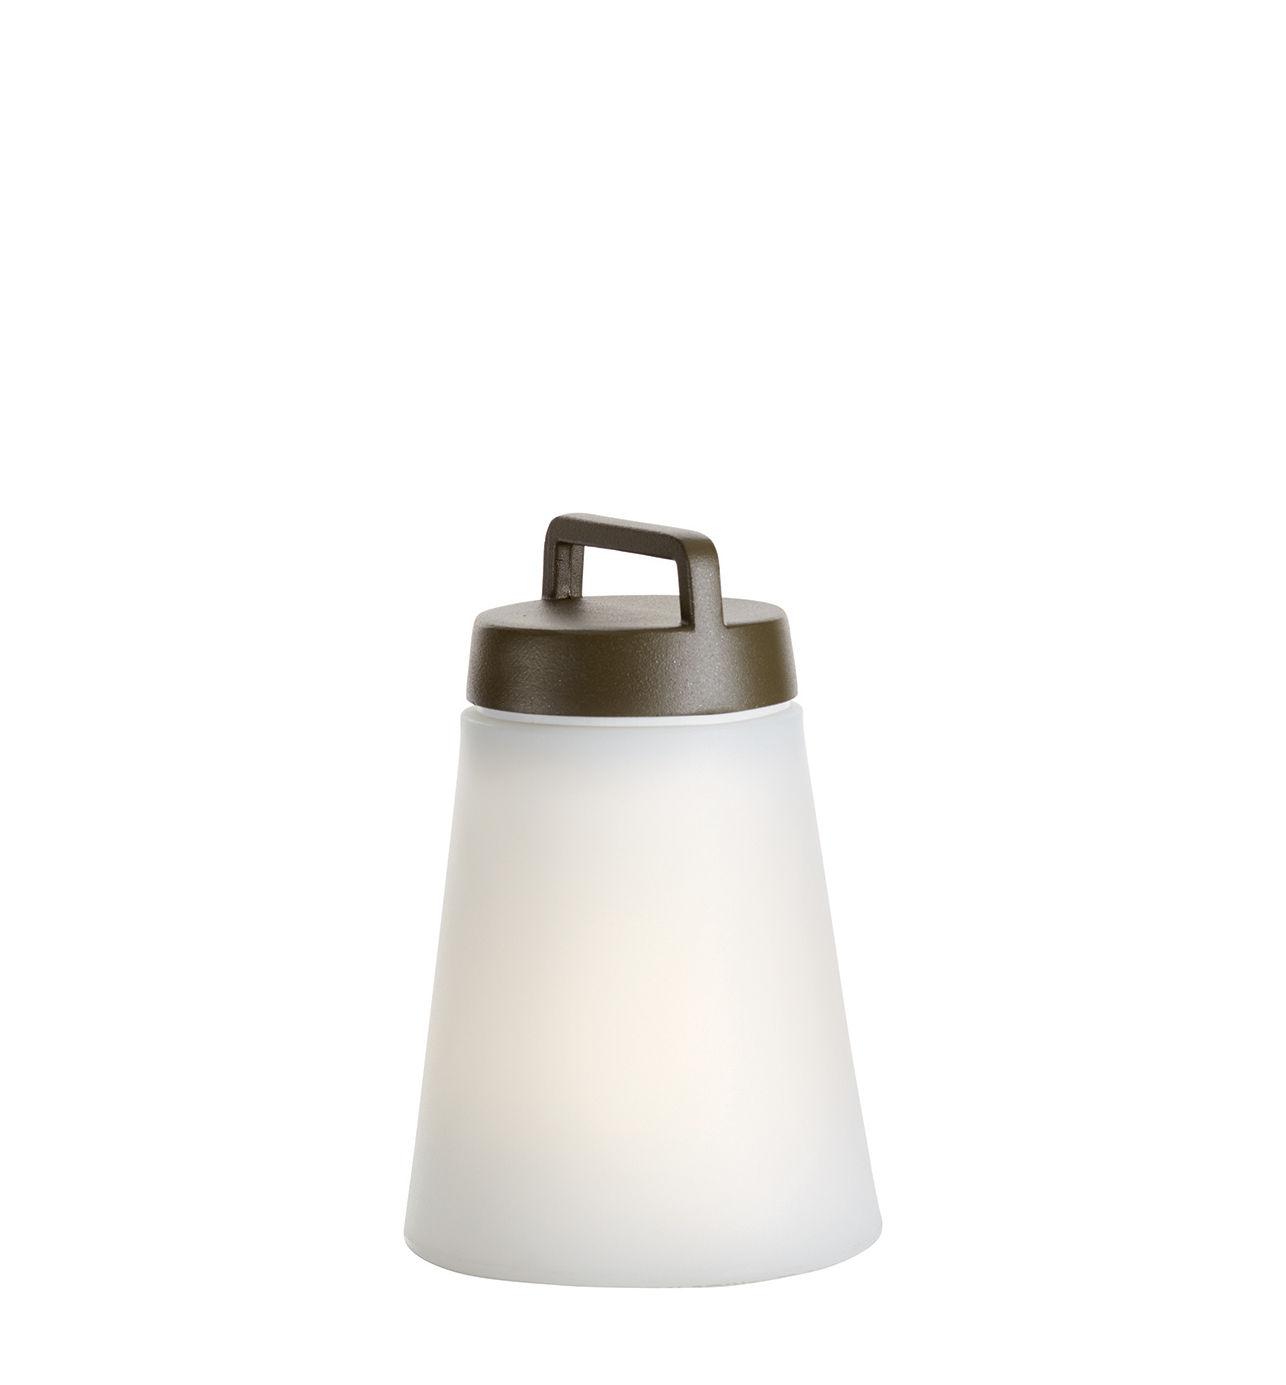 Illuminazione - Lampade da tavolo - Lampada senza fili Sasha Mini - / LED - H 24,5 cm di Carpyen - Vert Olive - alluminio verniciato, Polietilene